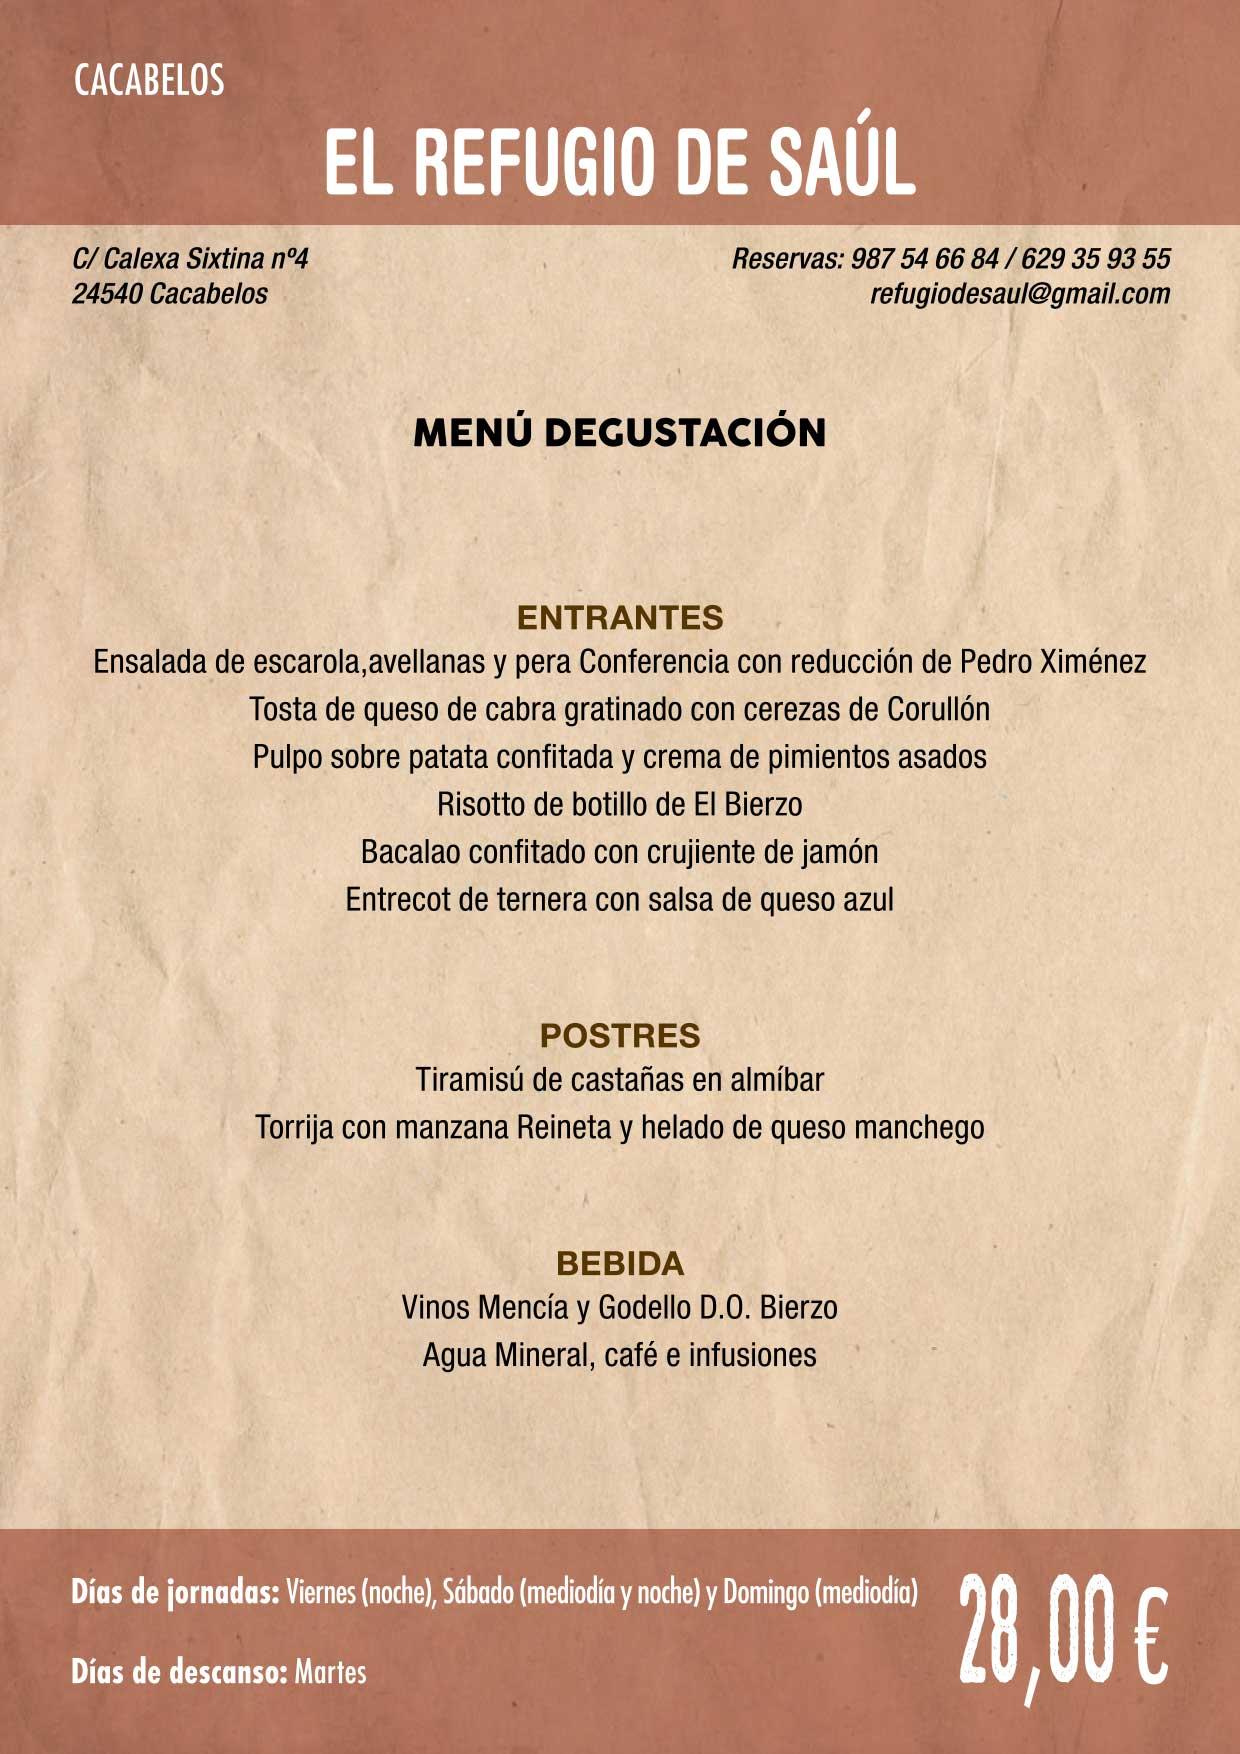 XXXVI Jornadas Gastronómicas De El Bierzo 2020. Consulta los restaurantes y menús 4